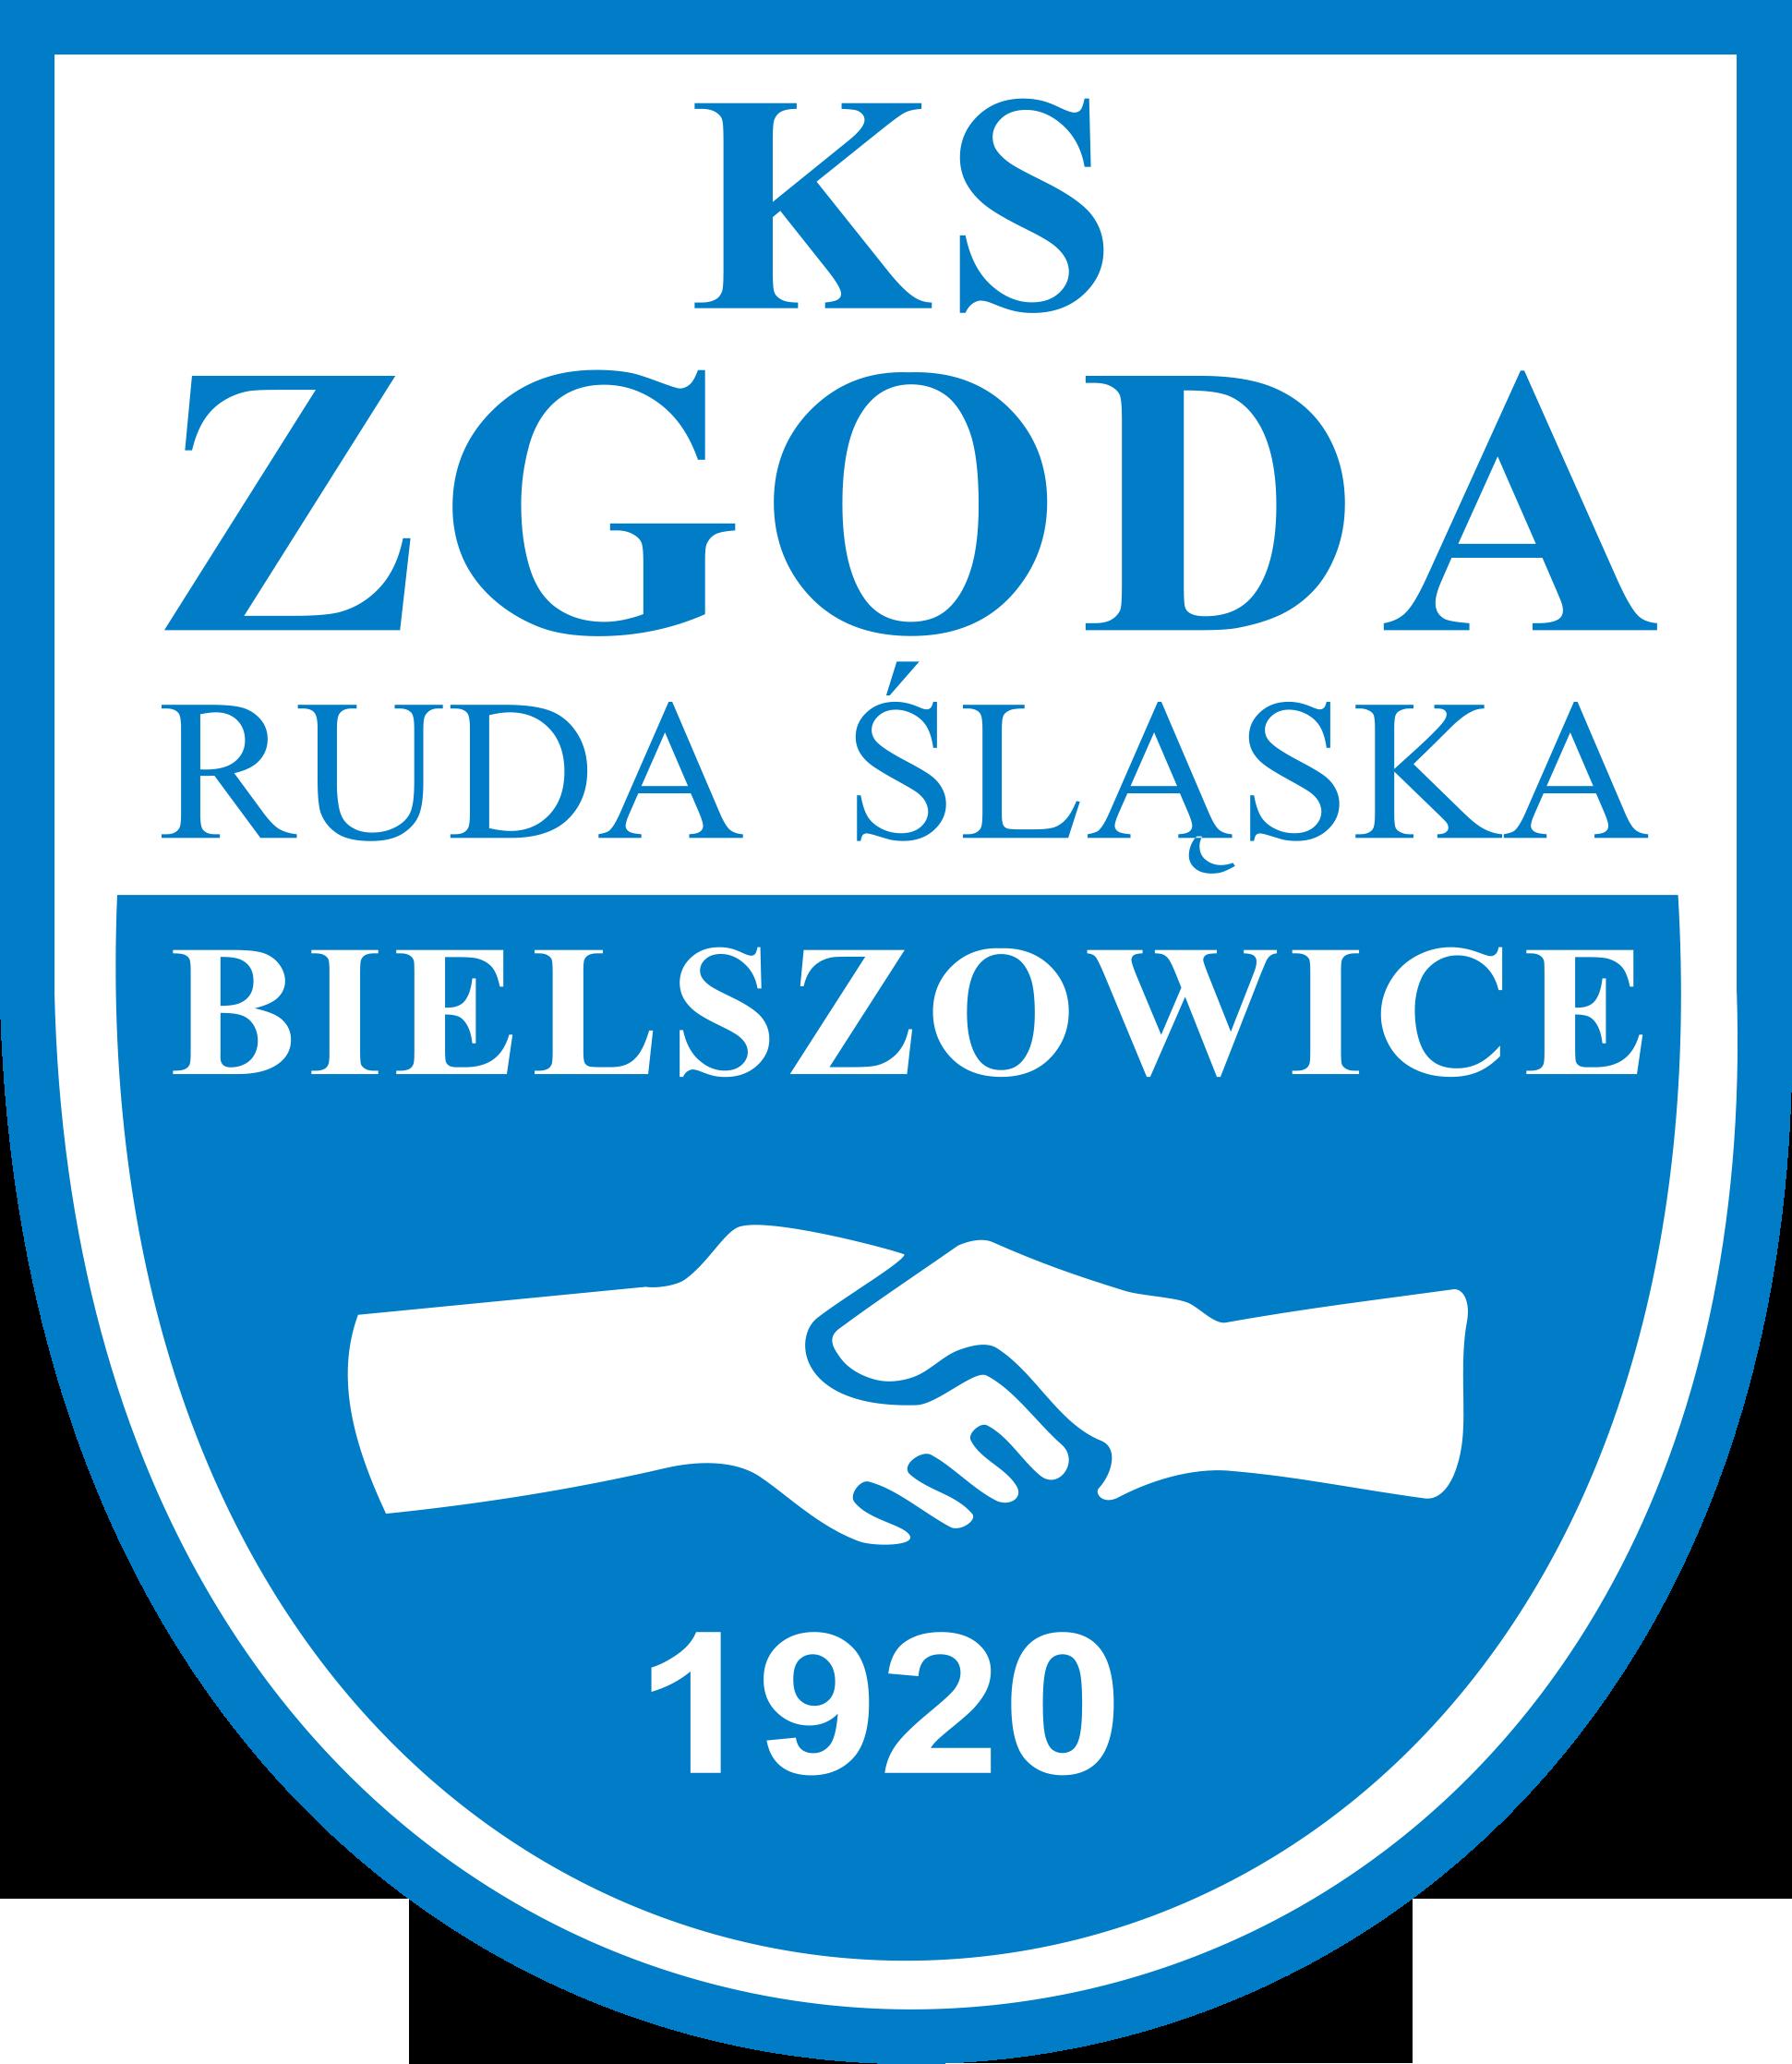 KS Zgoda Ruda Śląska